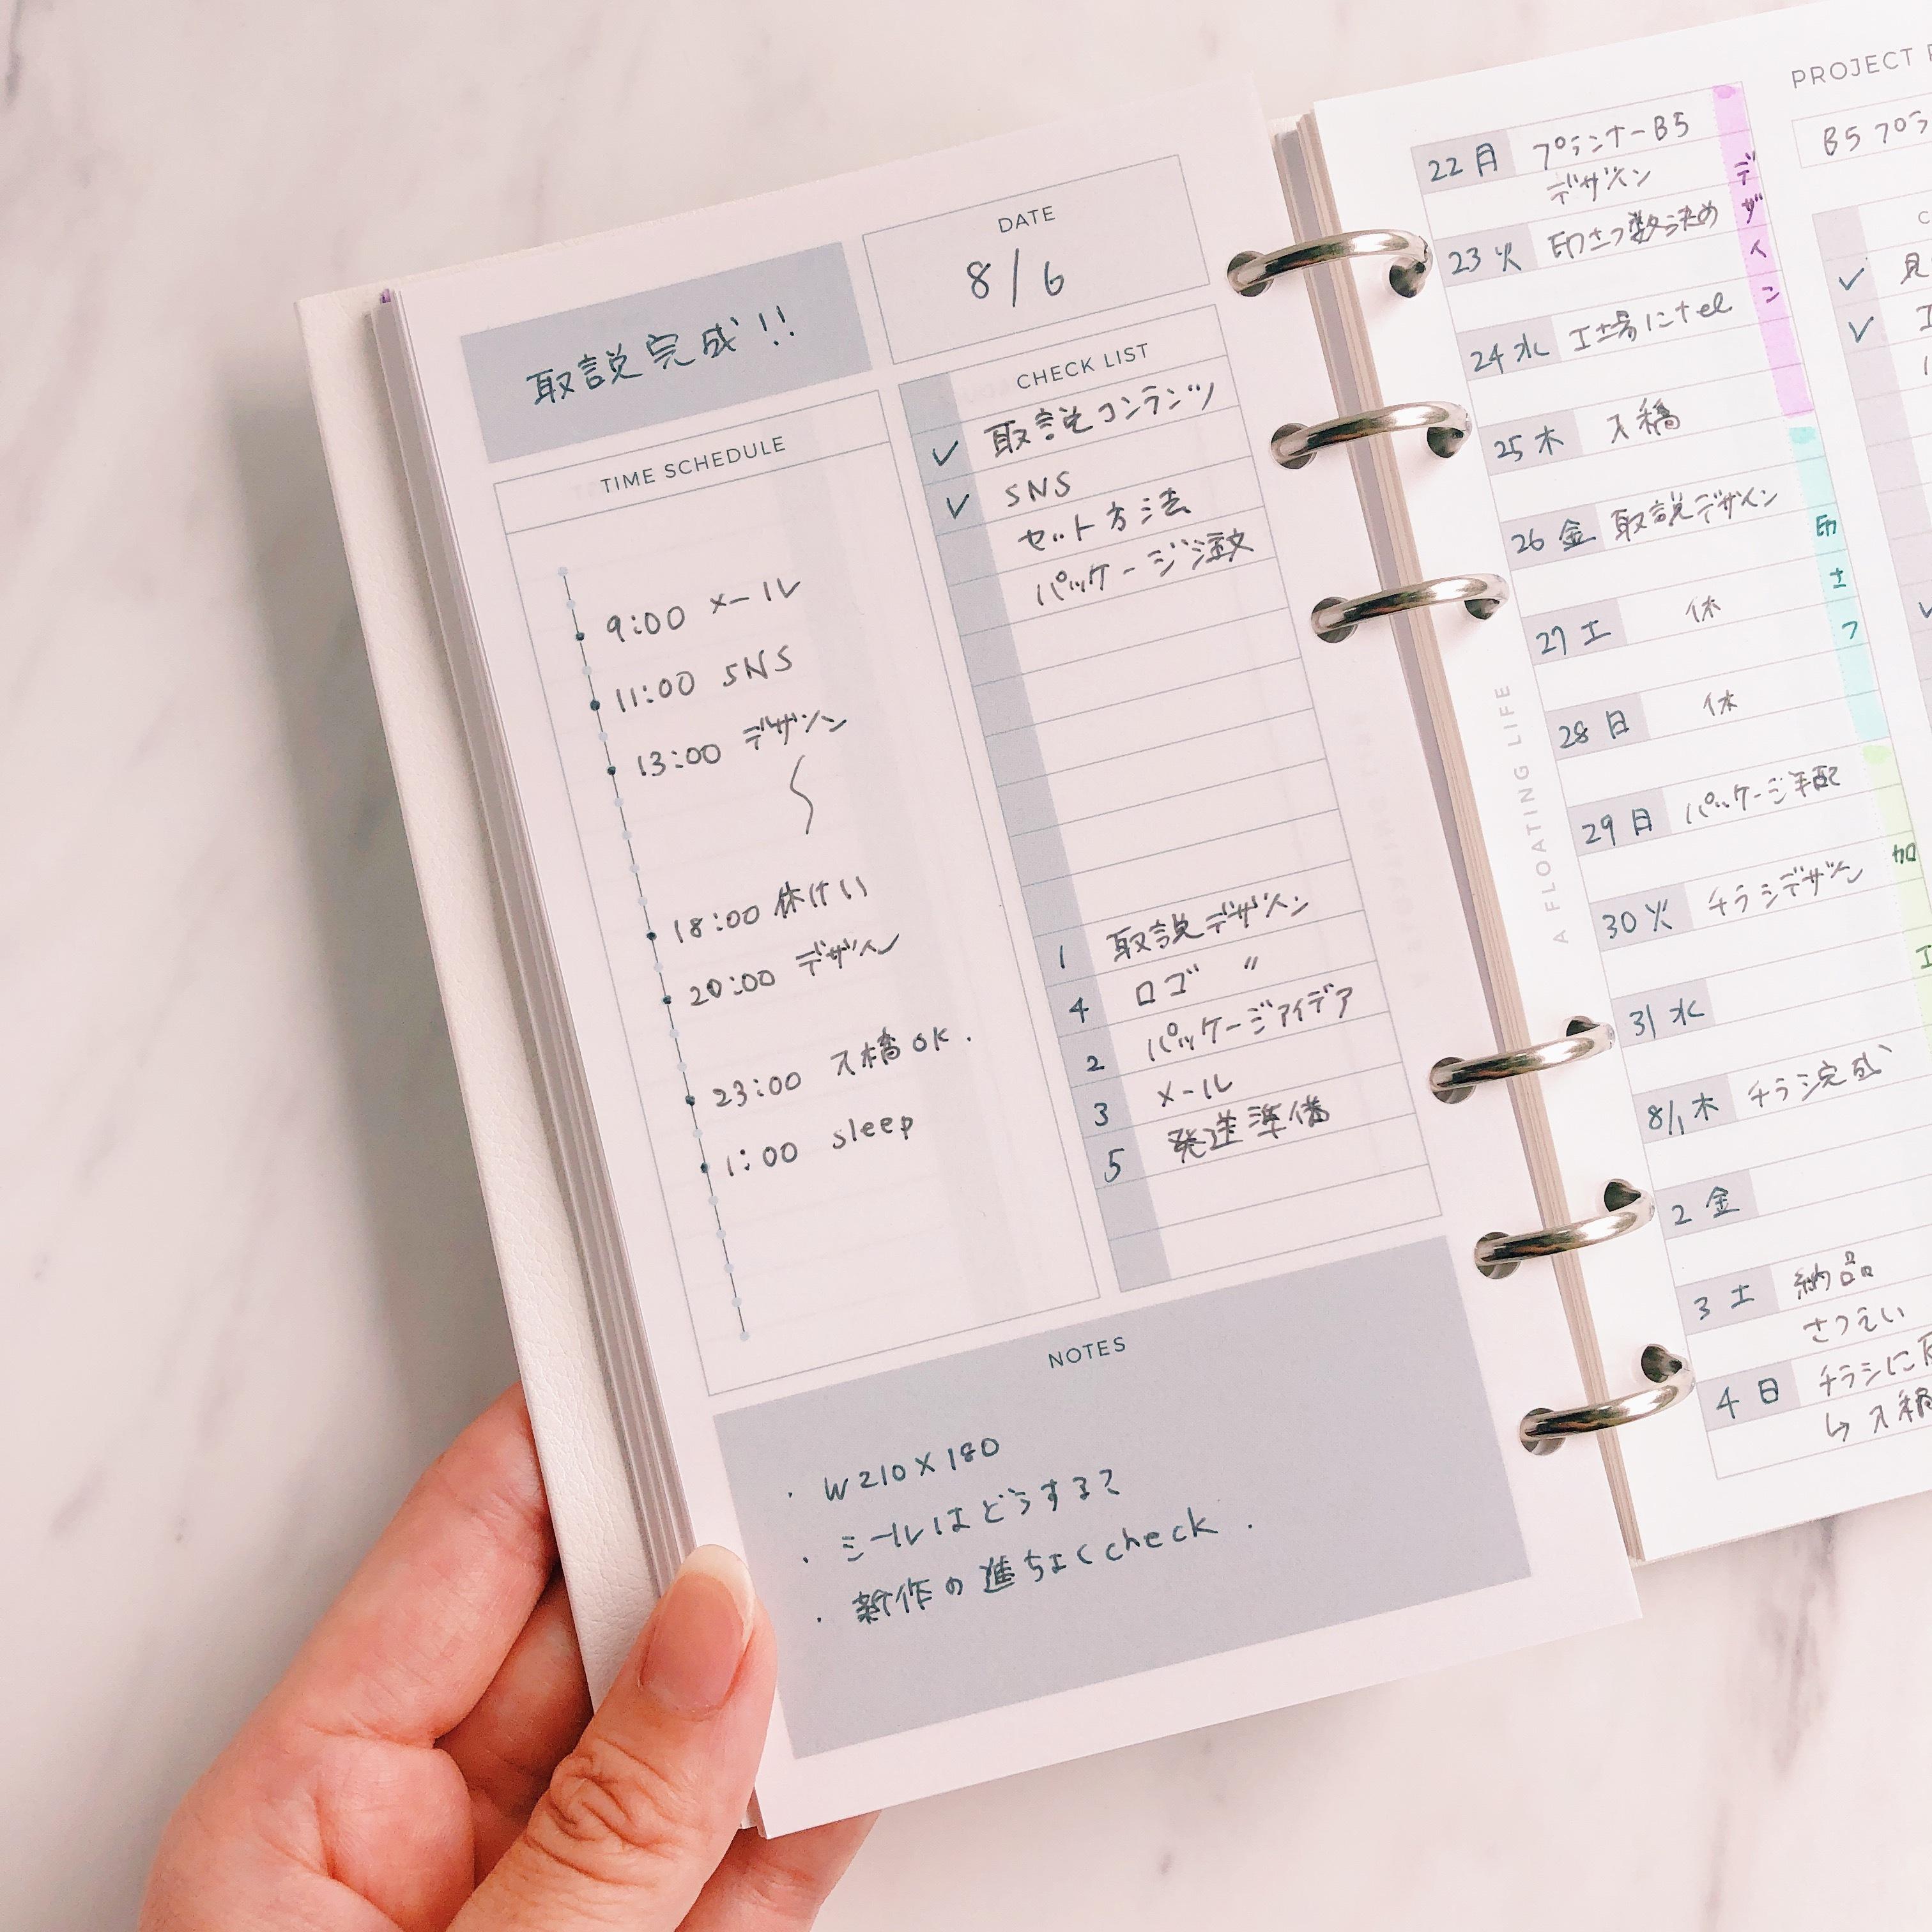 デイリー計画 / バイブル / シンプル(システム手帳リフィル)